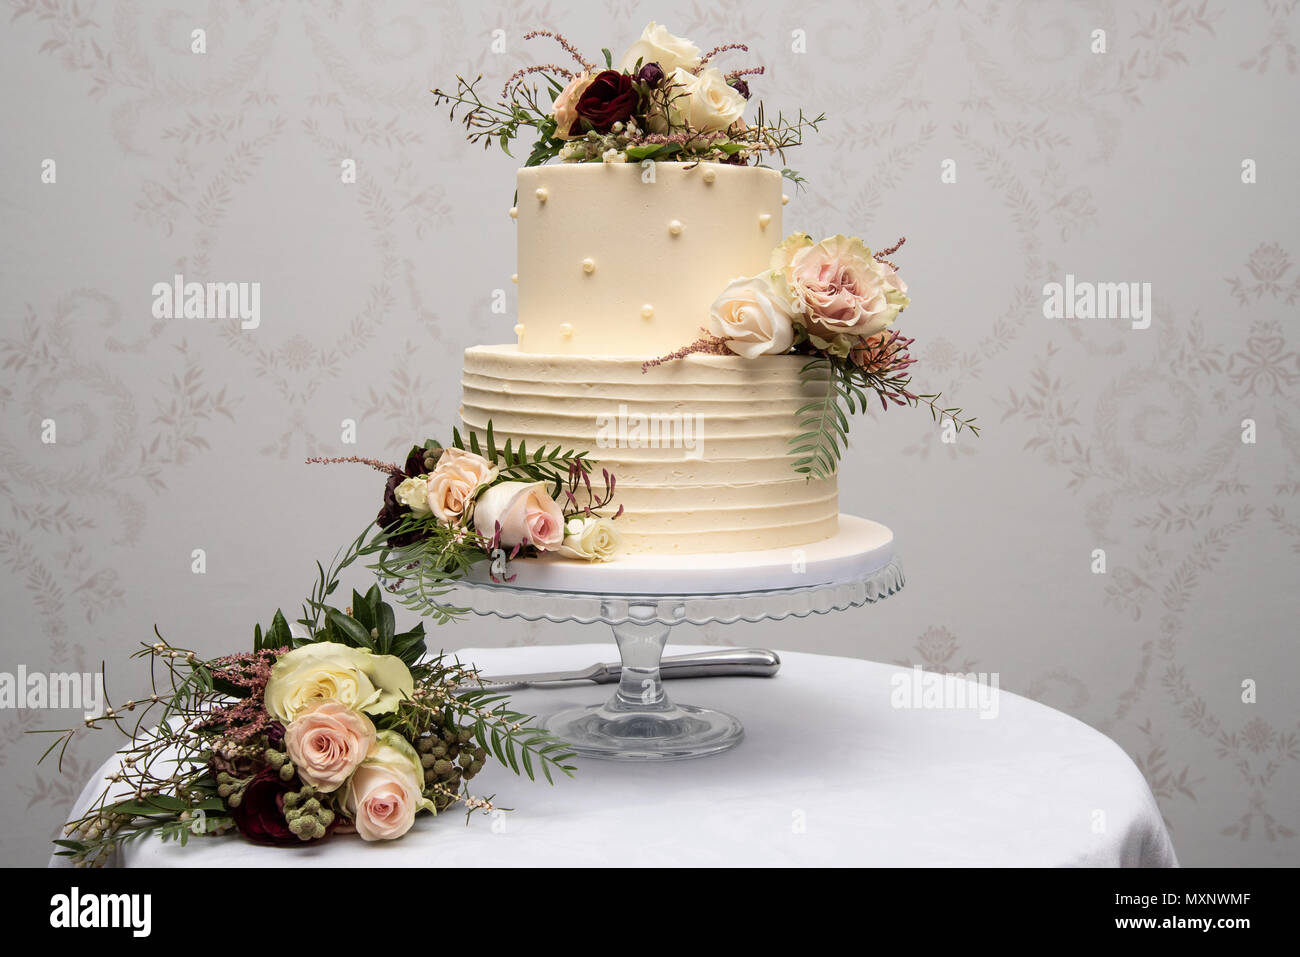 Champagner Hochzeitstorte mit gelb und rosa Blumen Stockbild